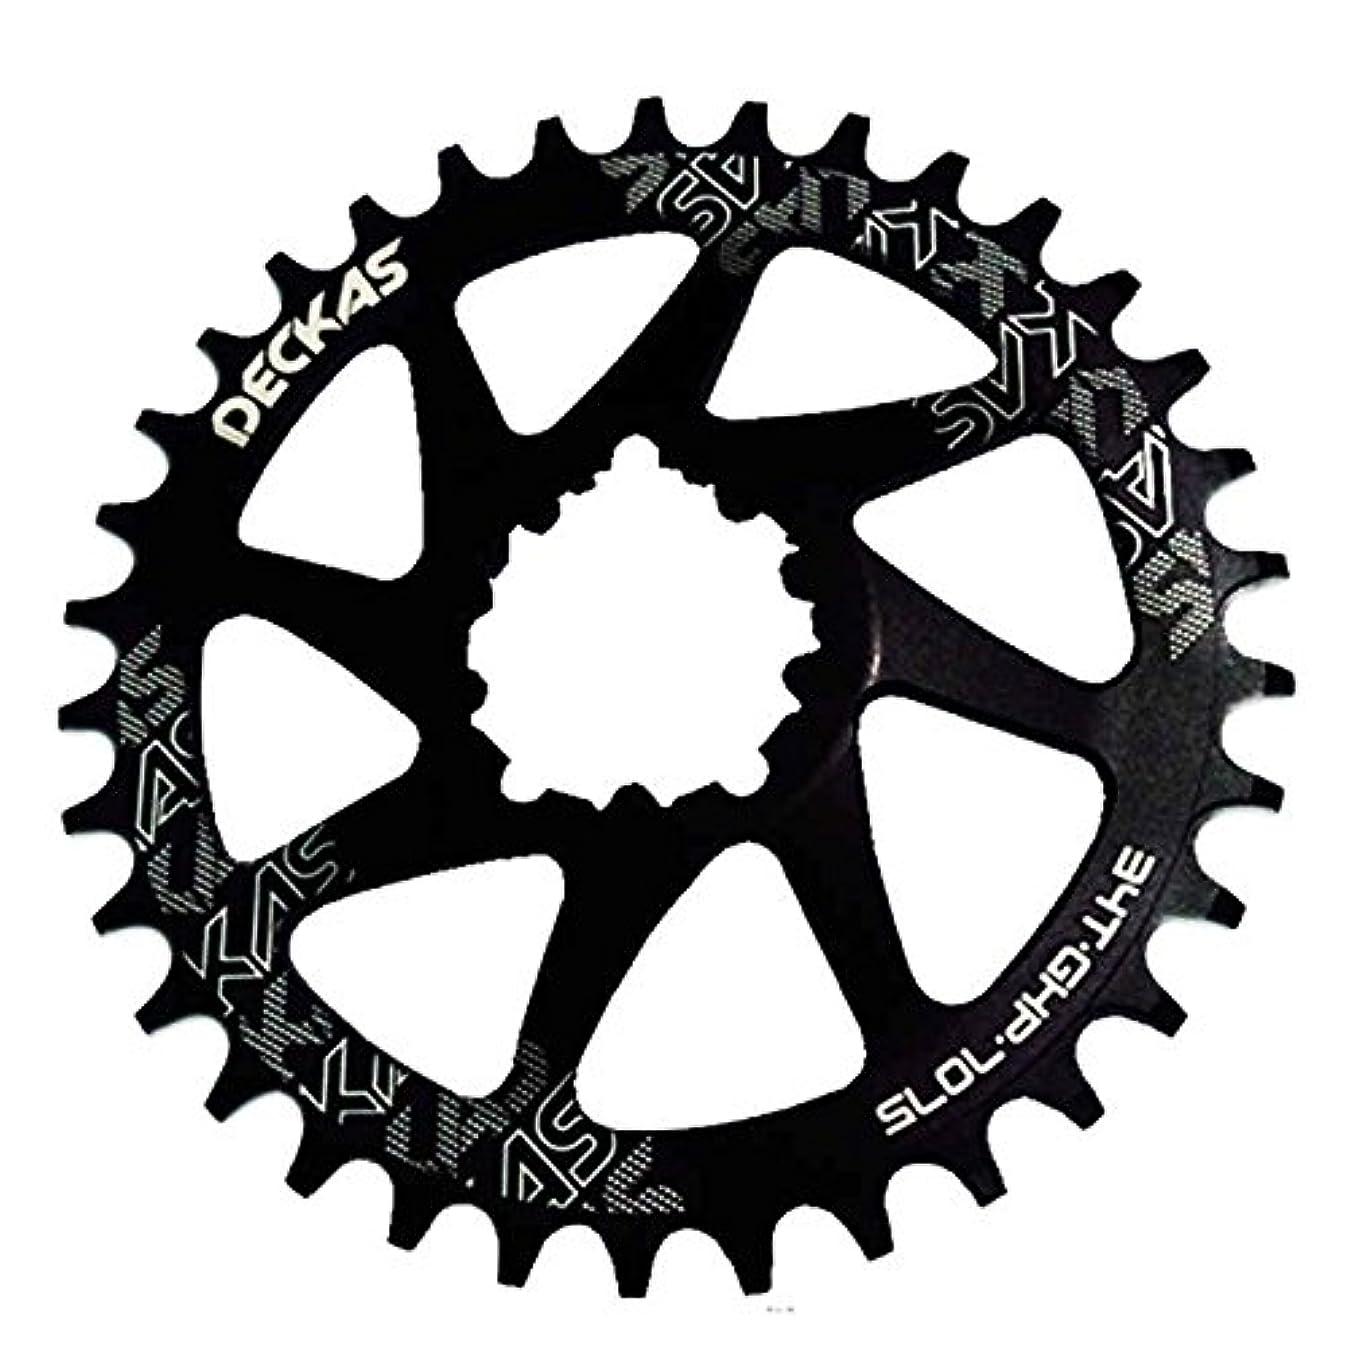 拡声器苛性お酒Propenary - GXP bicycle crankset Al 7075 CNC32T 34T Narrow Wide Chainring Chainwheel for Sram XX1 XO1 X1 GX XO...